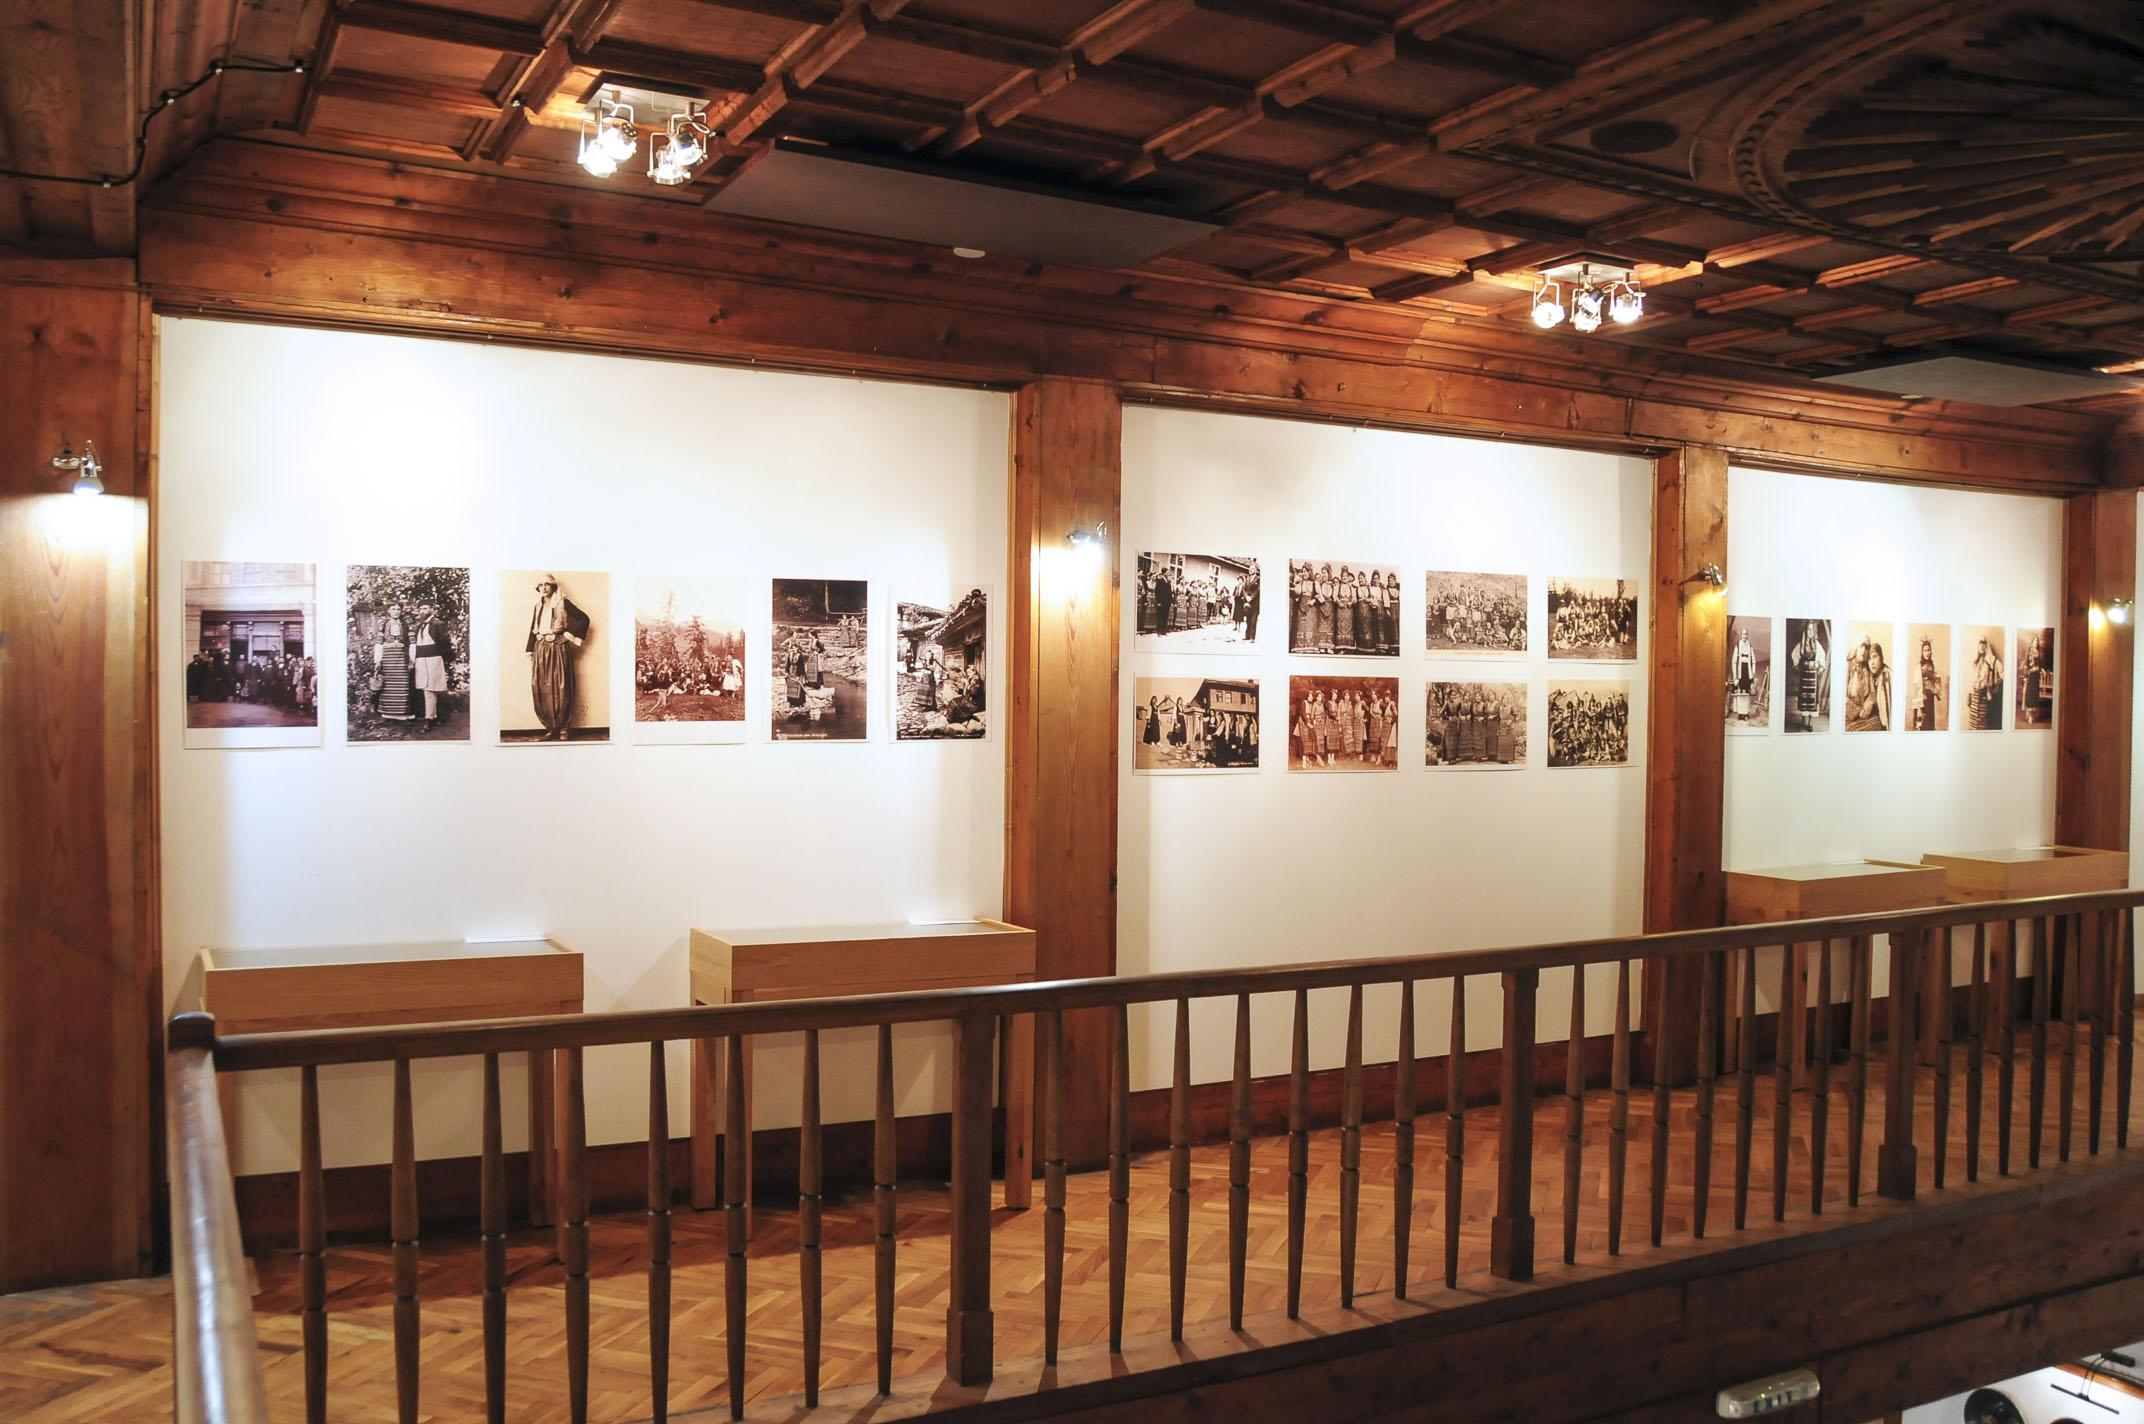 troyan-museum-bylgarsko-zlatarsko-izkustvo-30